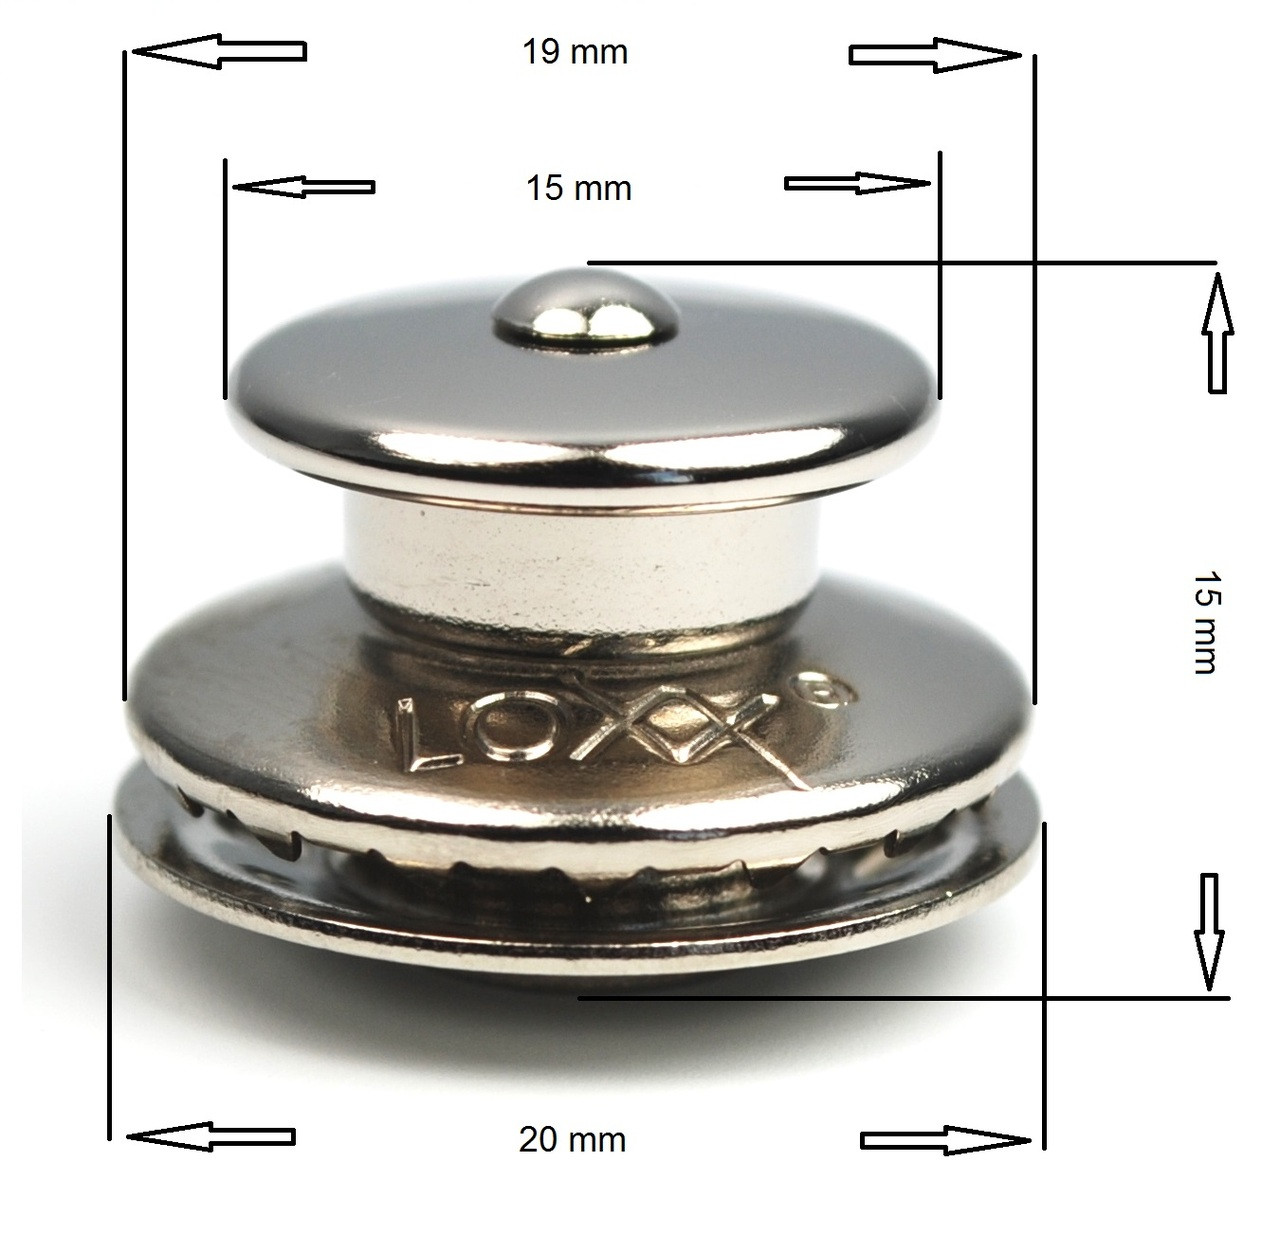 LOXX Upper Part dimensions